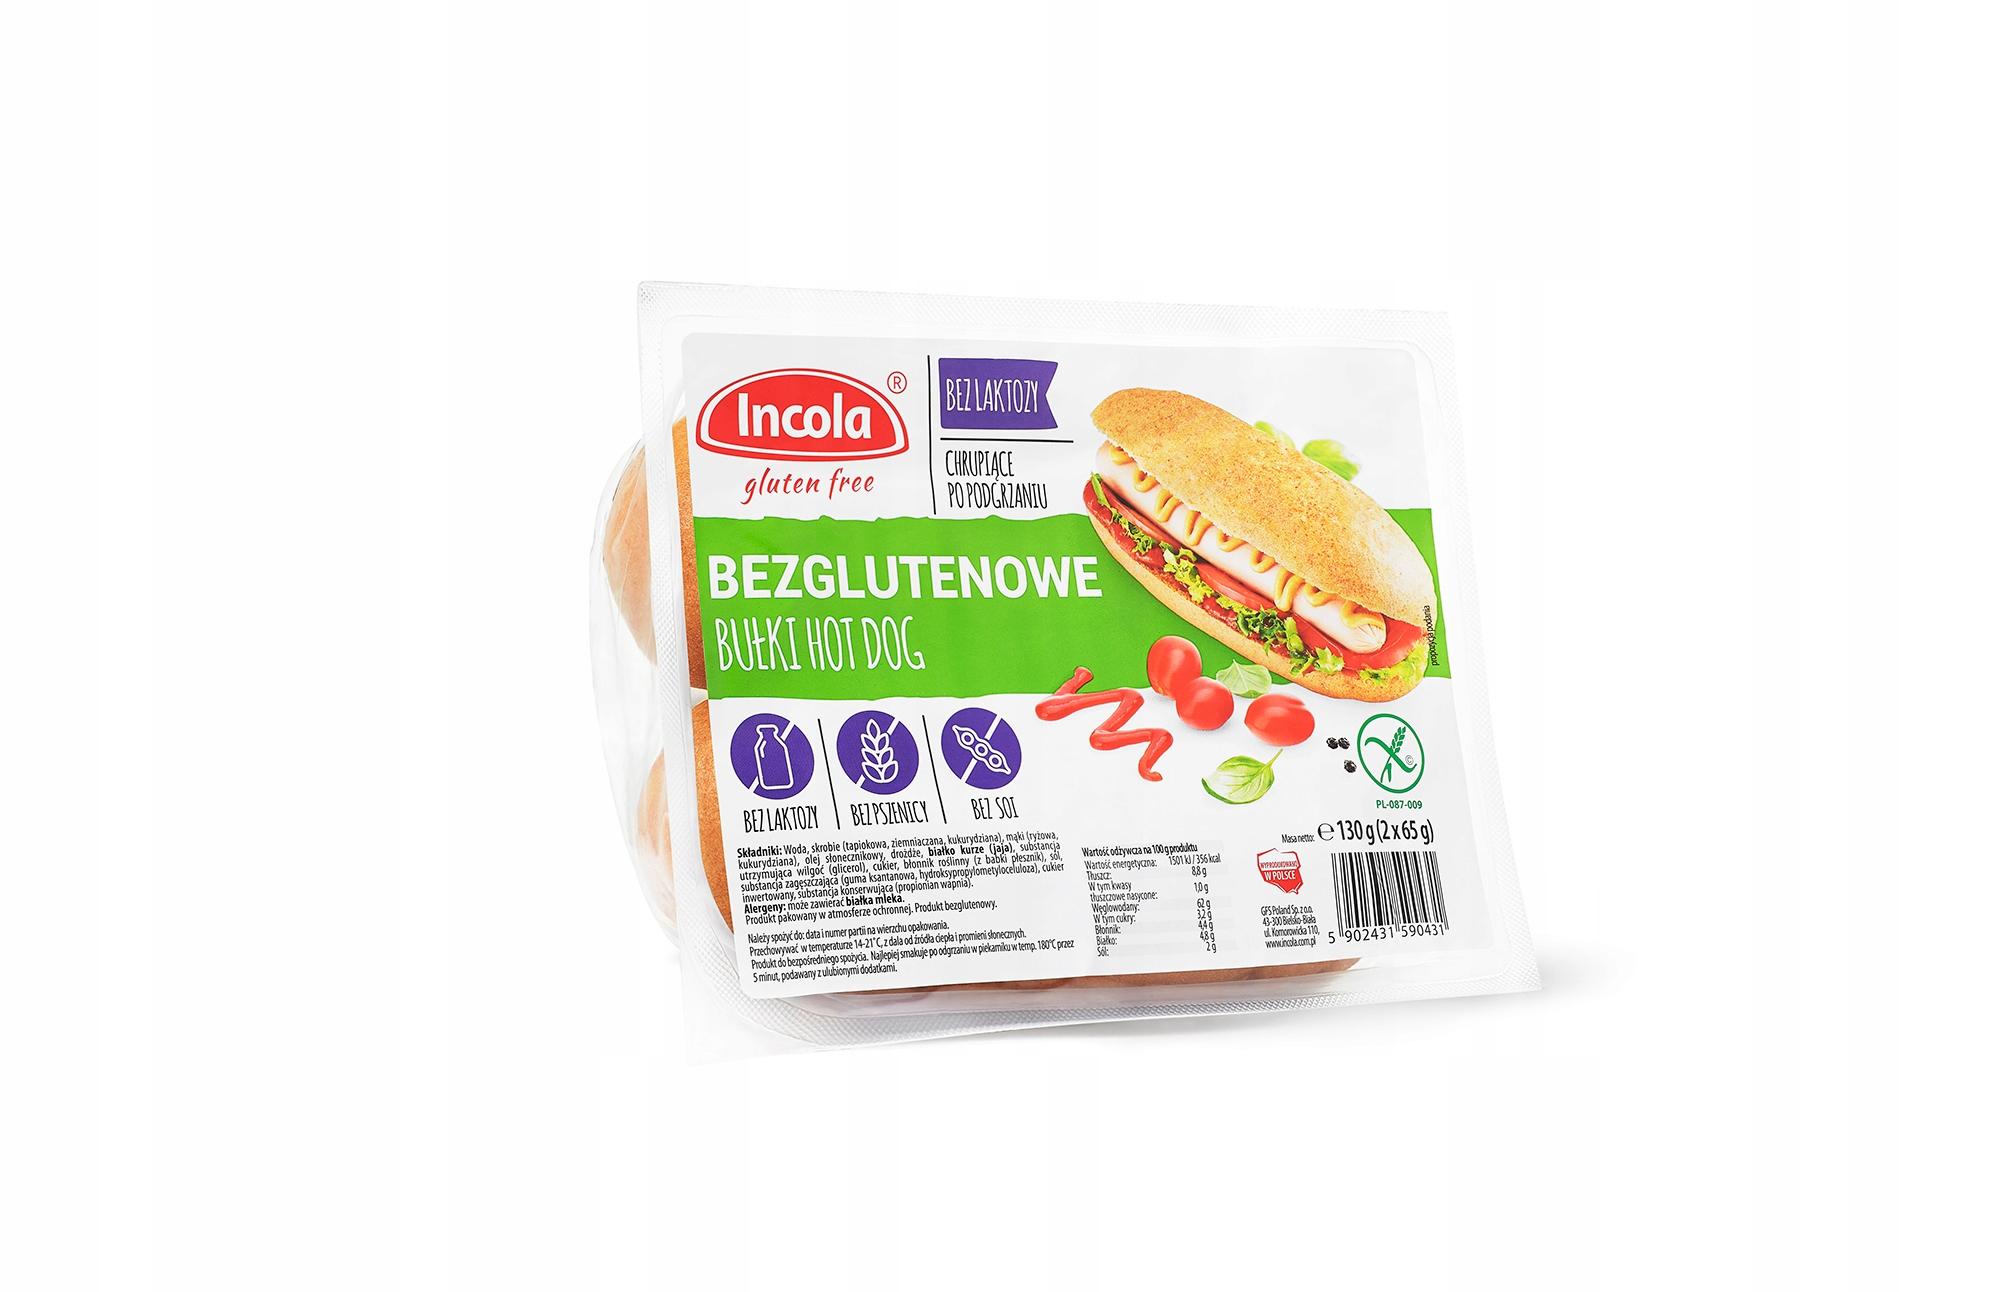 INCOLA bułka hot dog bezglutenowa